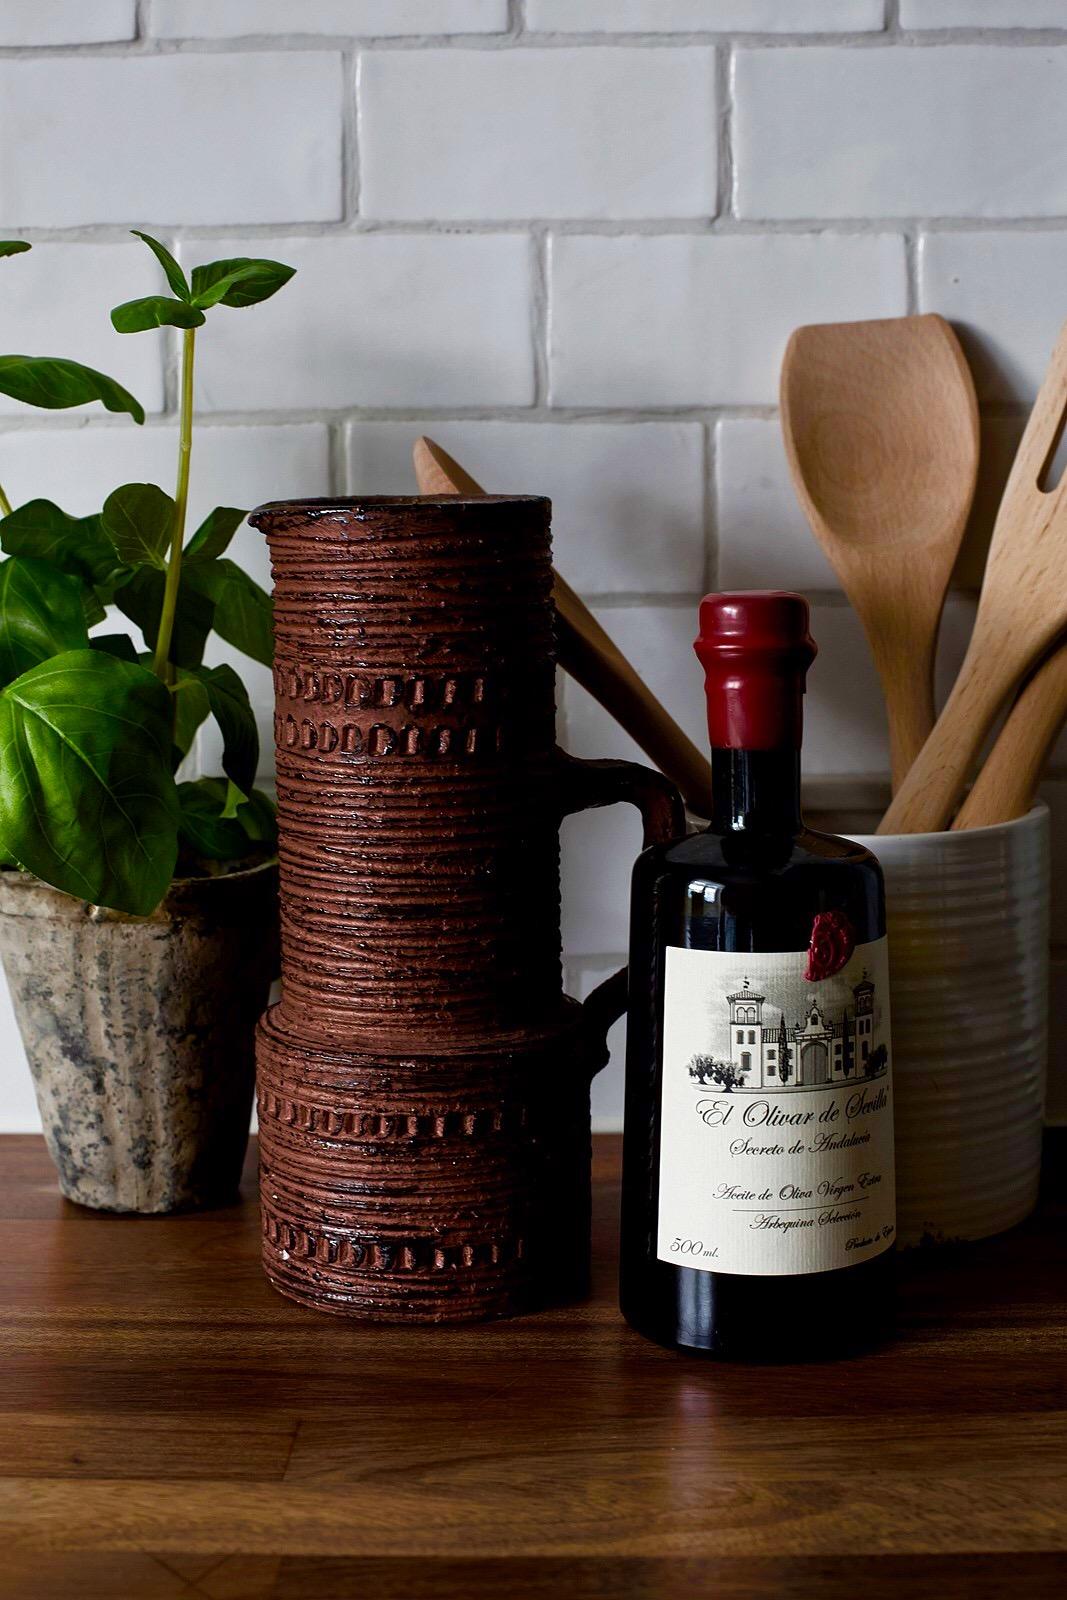 кухня столешница плитка кабанчик ретро цветок